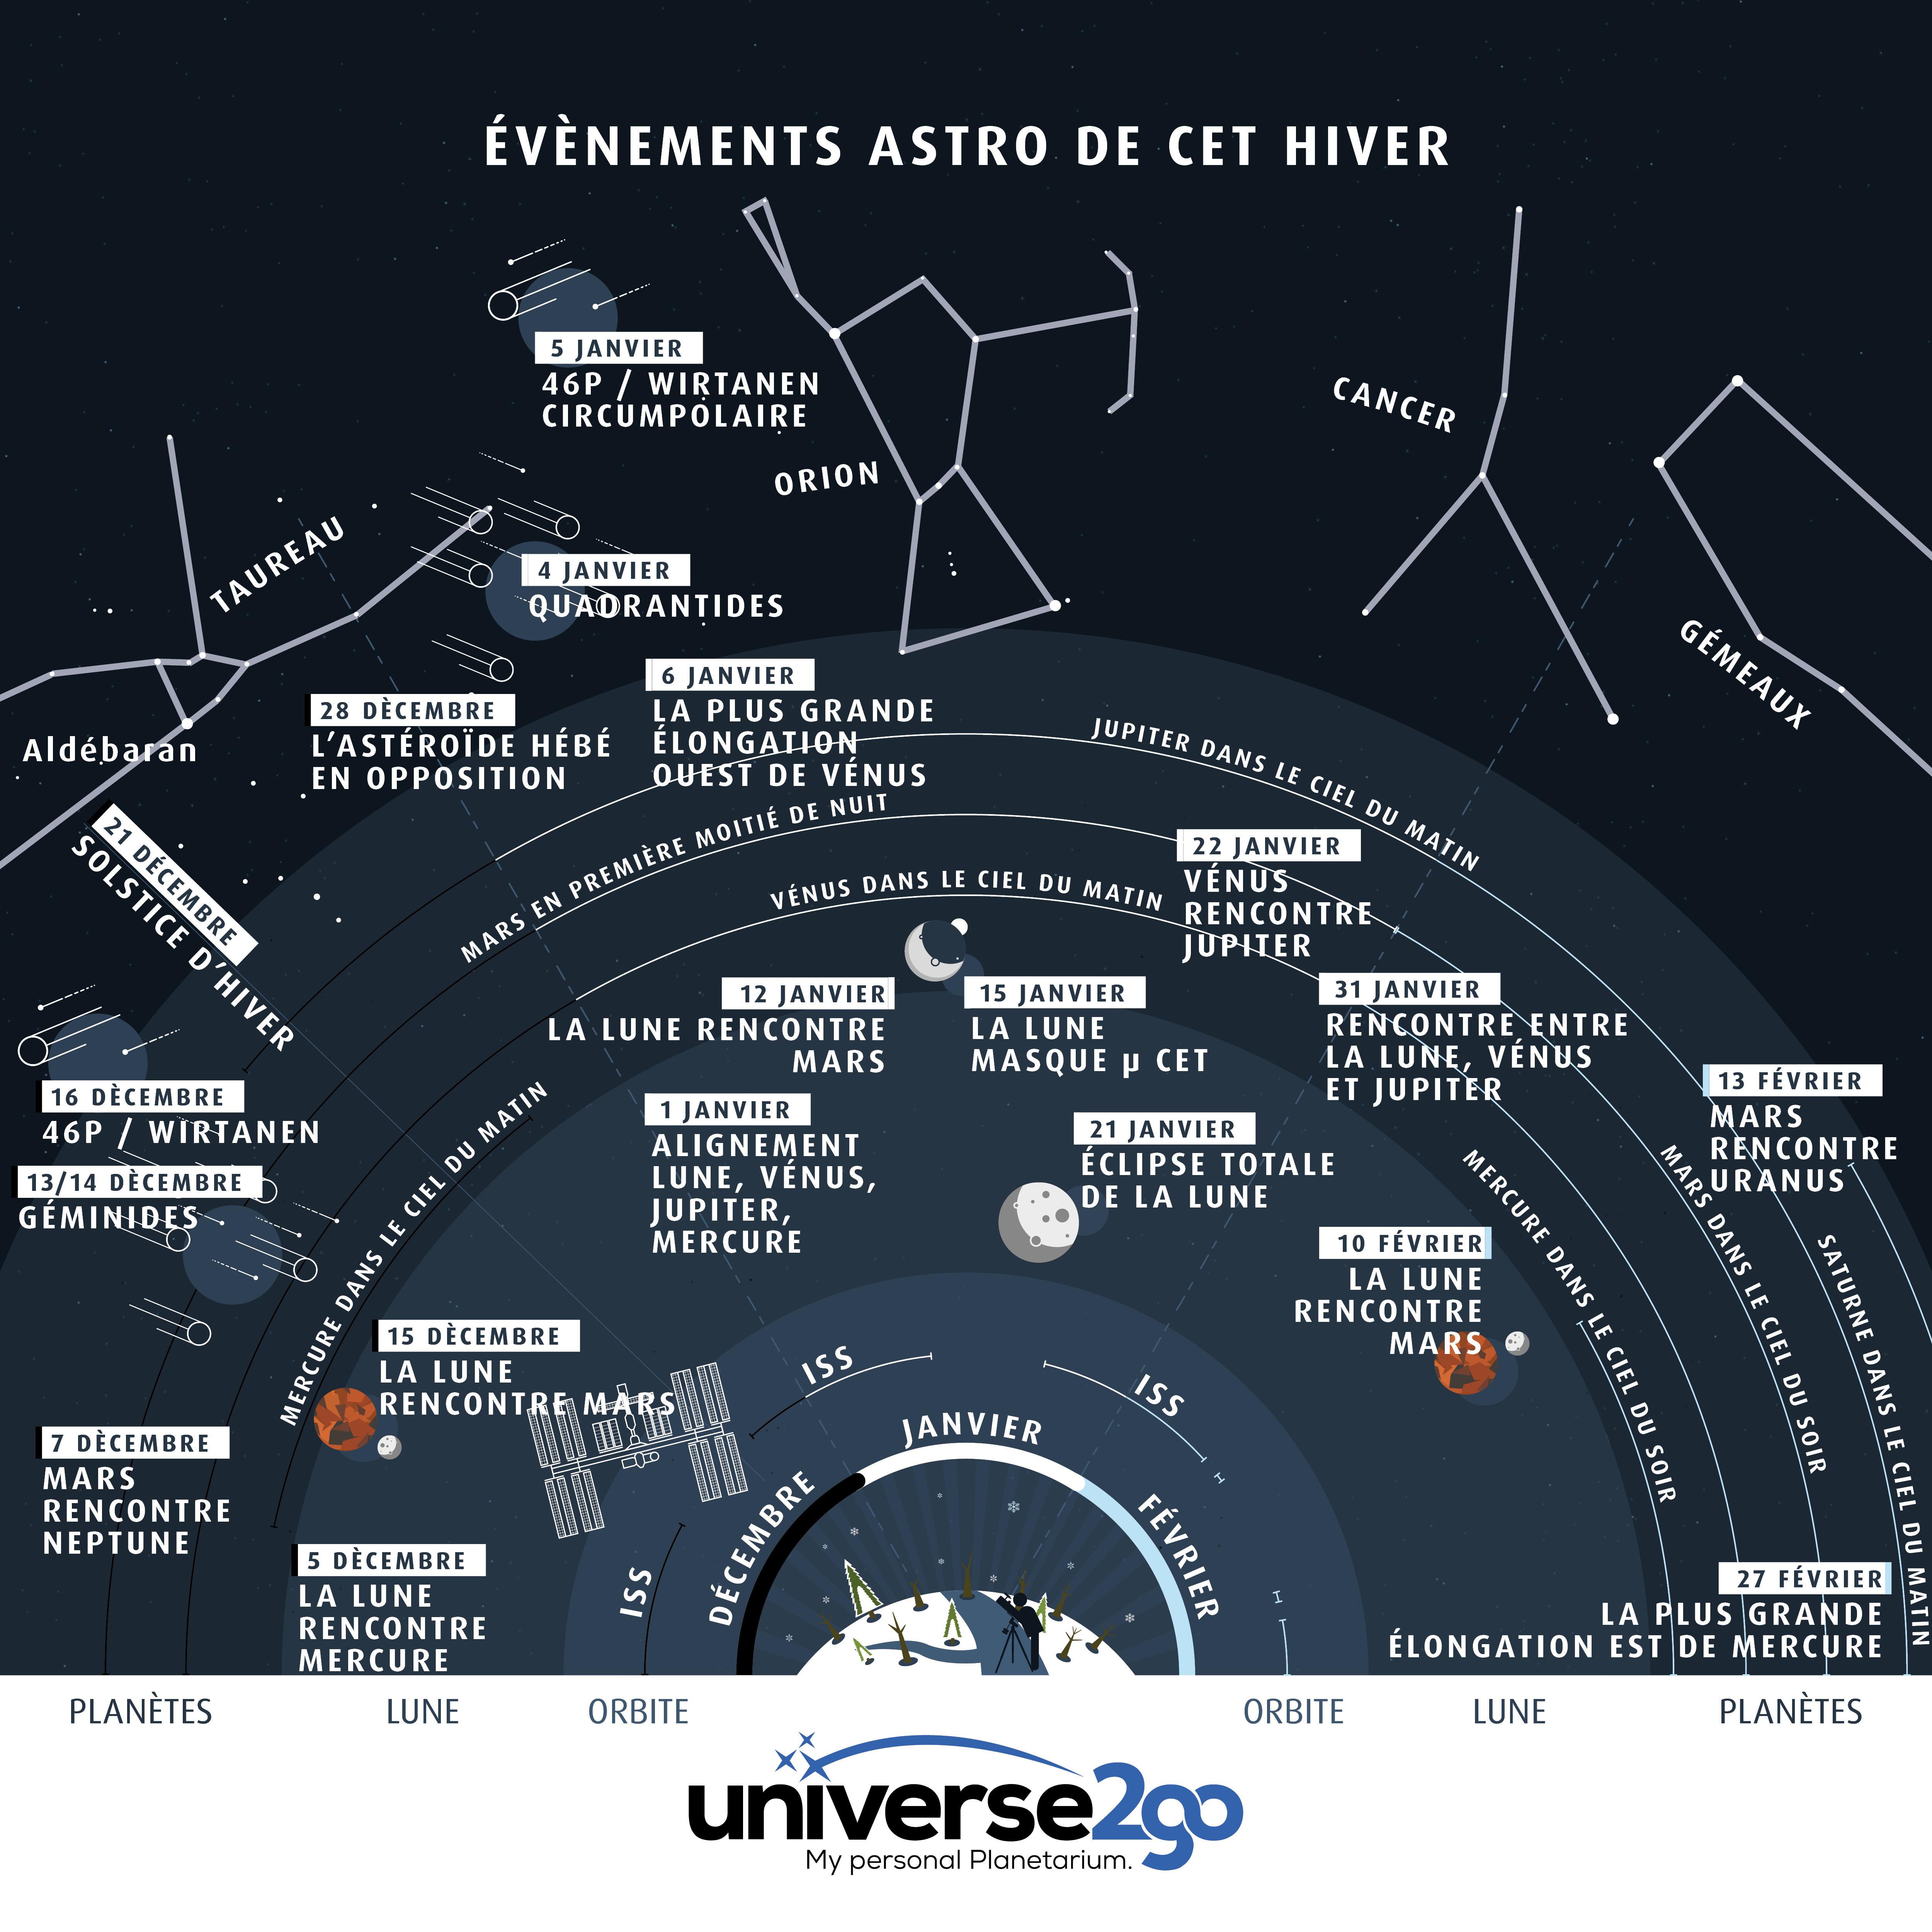 info-graphie-hiver-evenements-astronomiques-2018-tout-les-infos